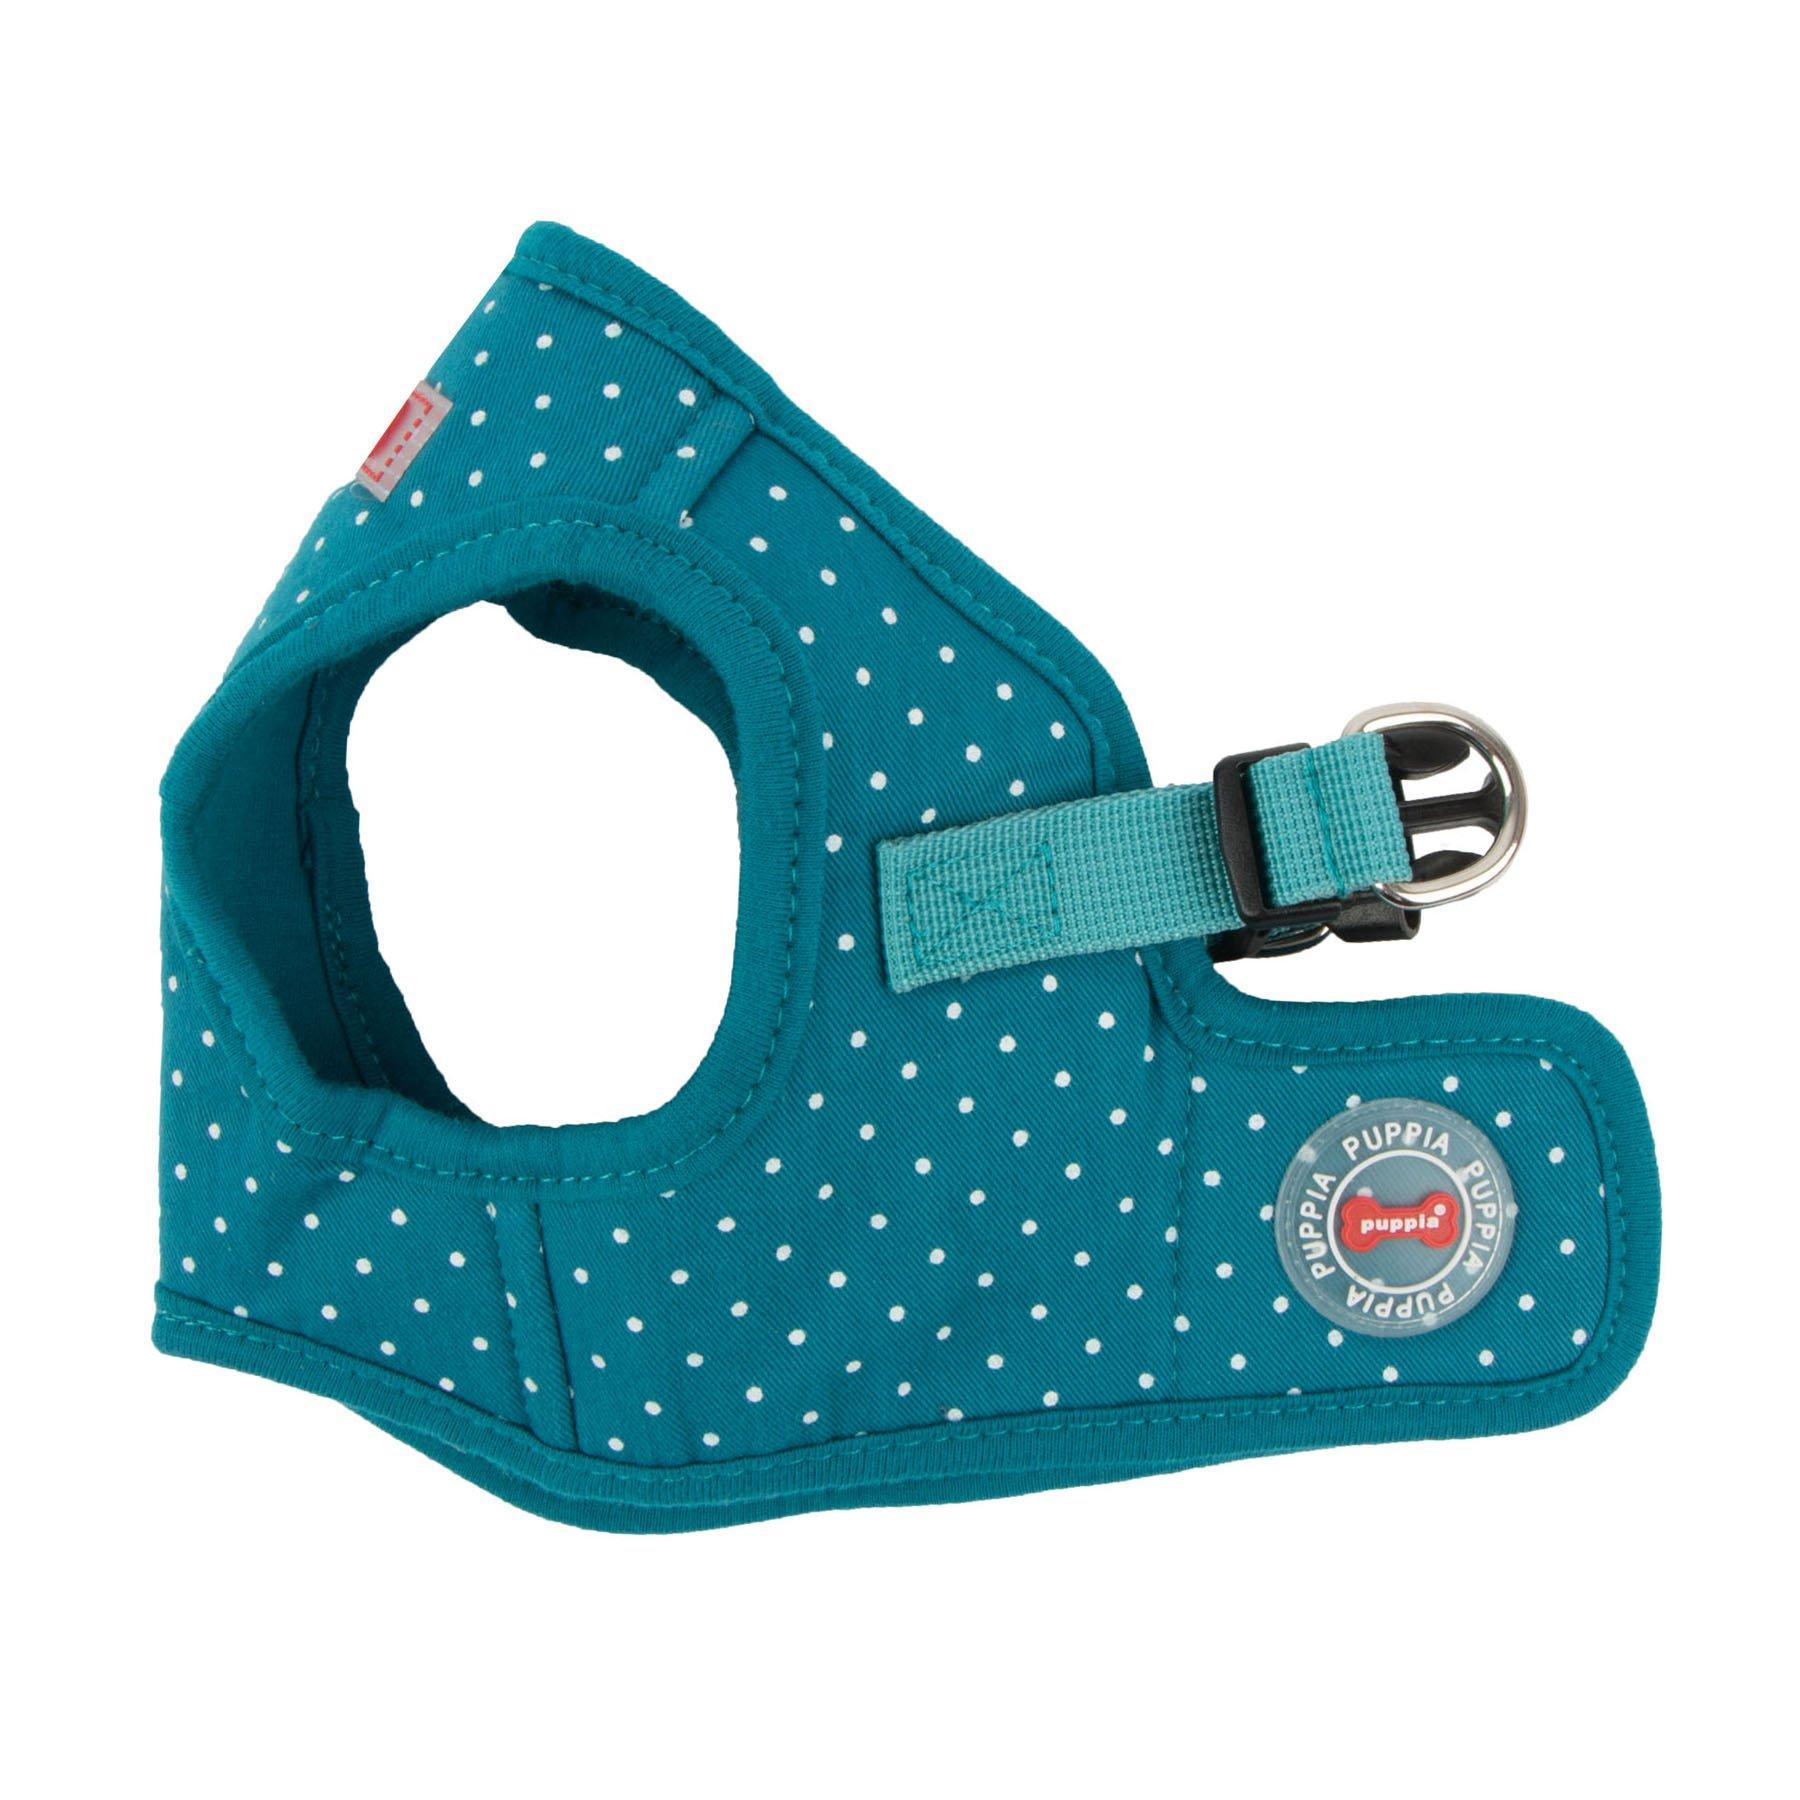 Puppia PARA-HB1529-TE-XS Teal Dotty Harness II B Pet-Vest-Harnesses, X-Small